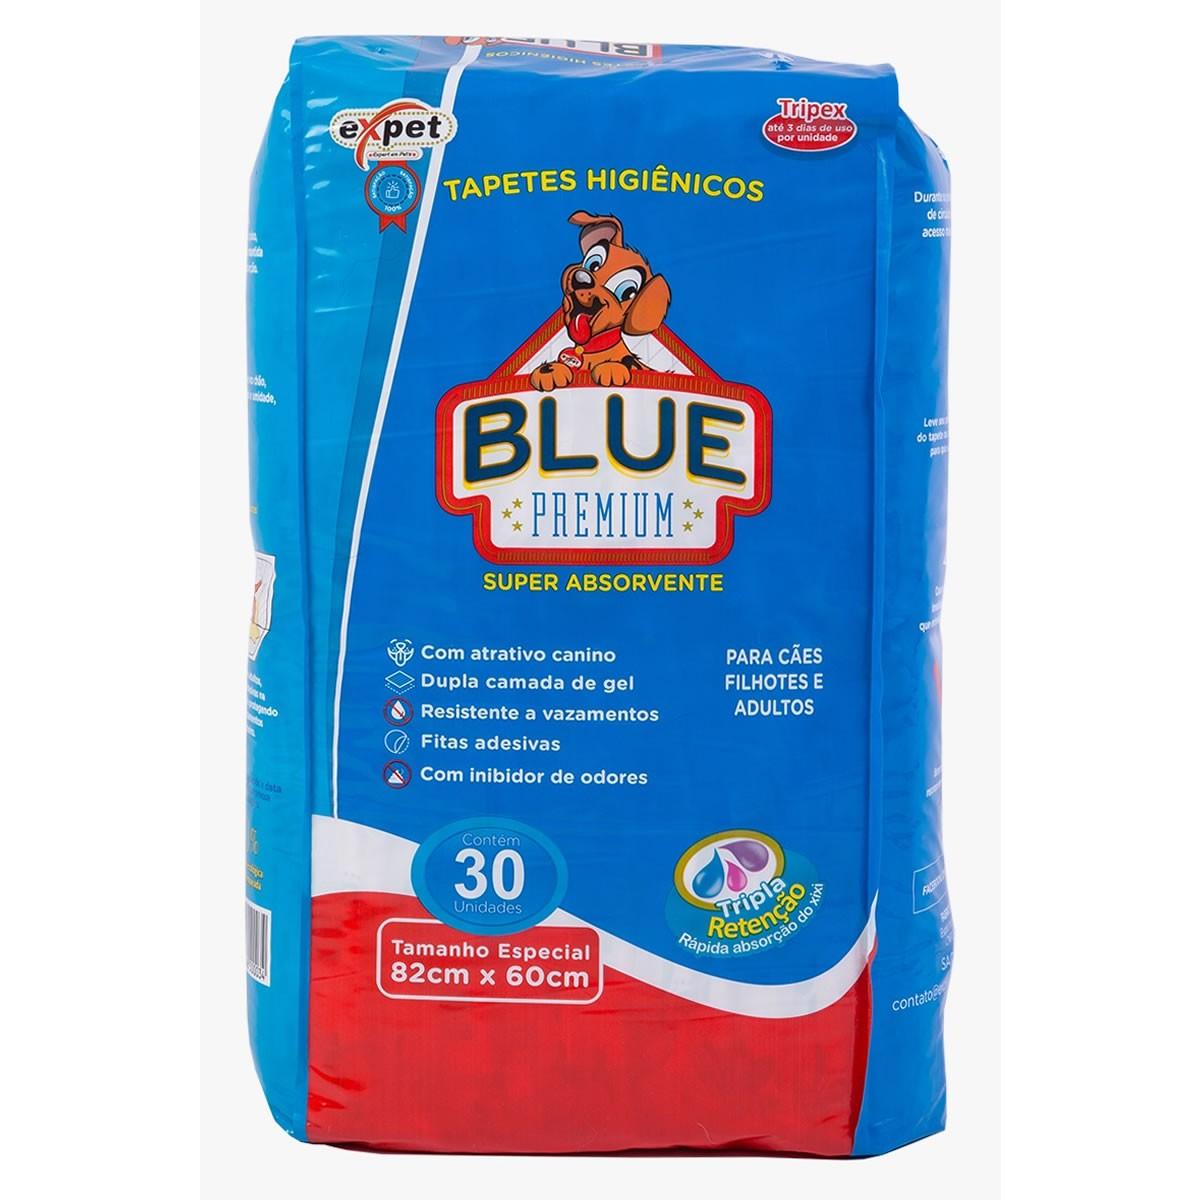 Tapete Higiênico Blue Premium Expet para Cães